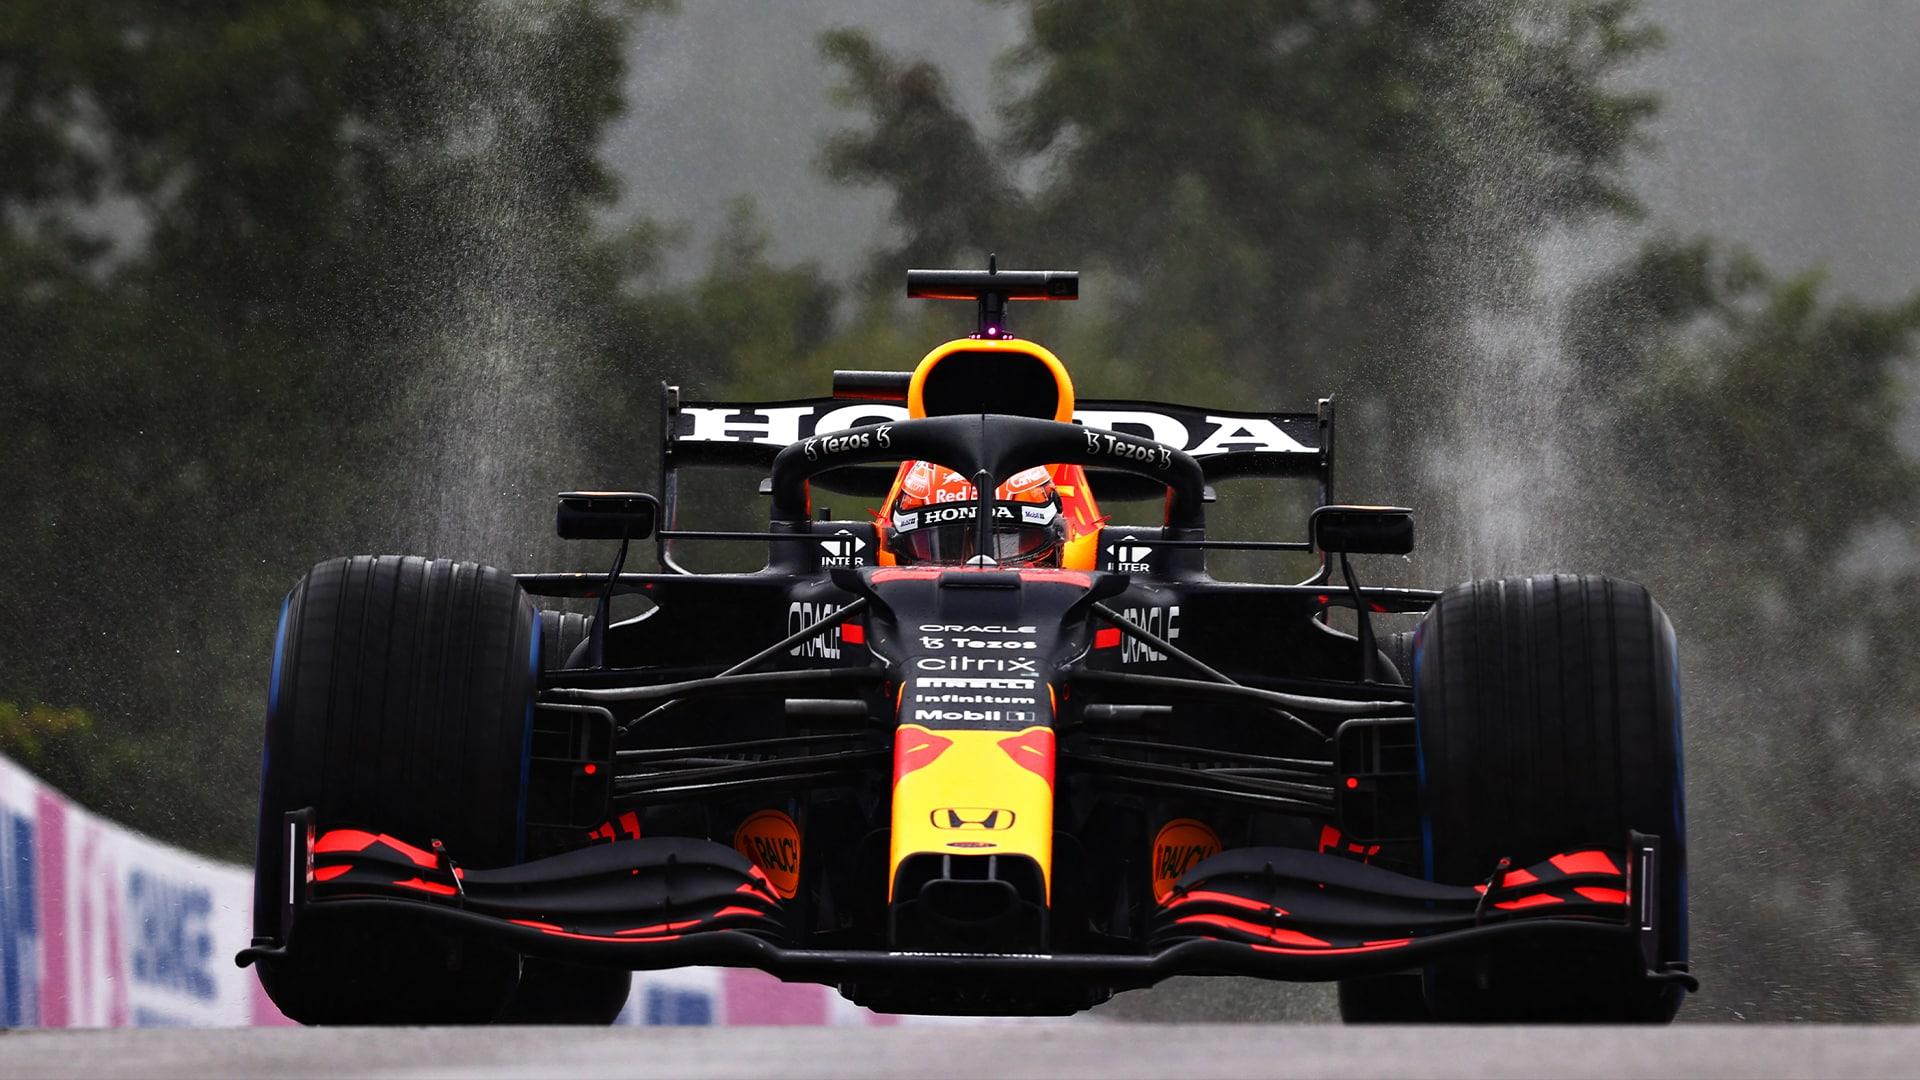 Max Verstappen declarado ganador del GP de Bélgica, Russell sella su primer podio